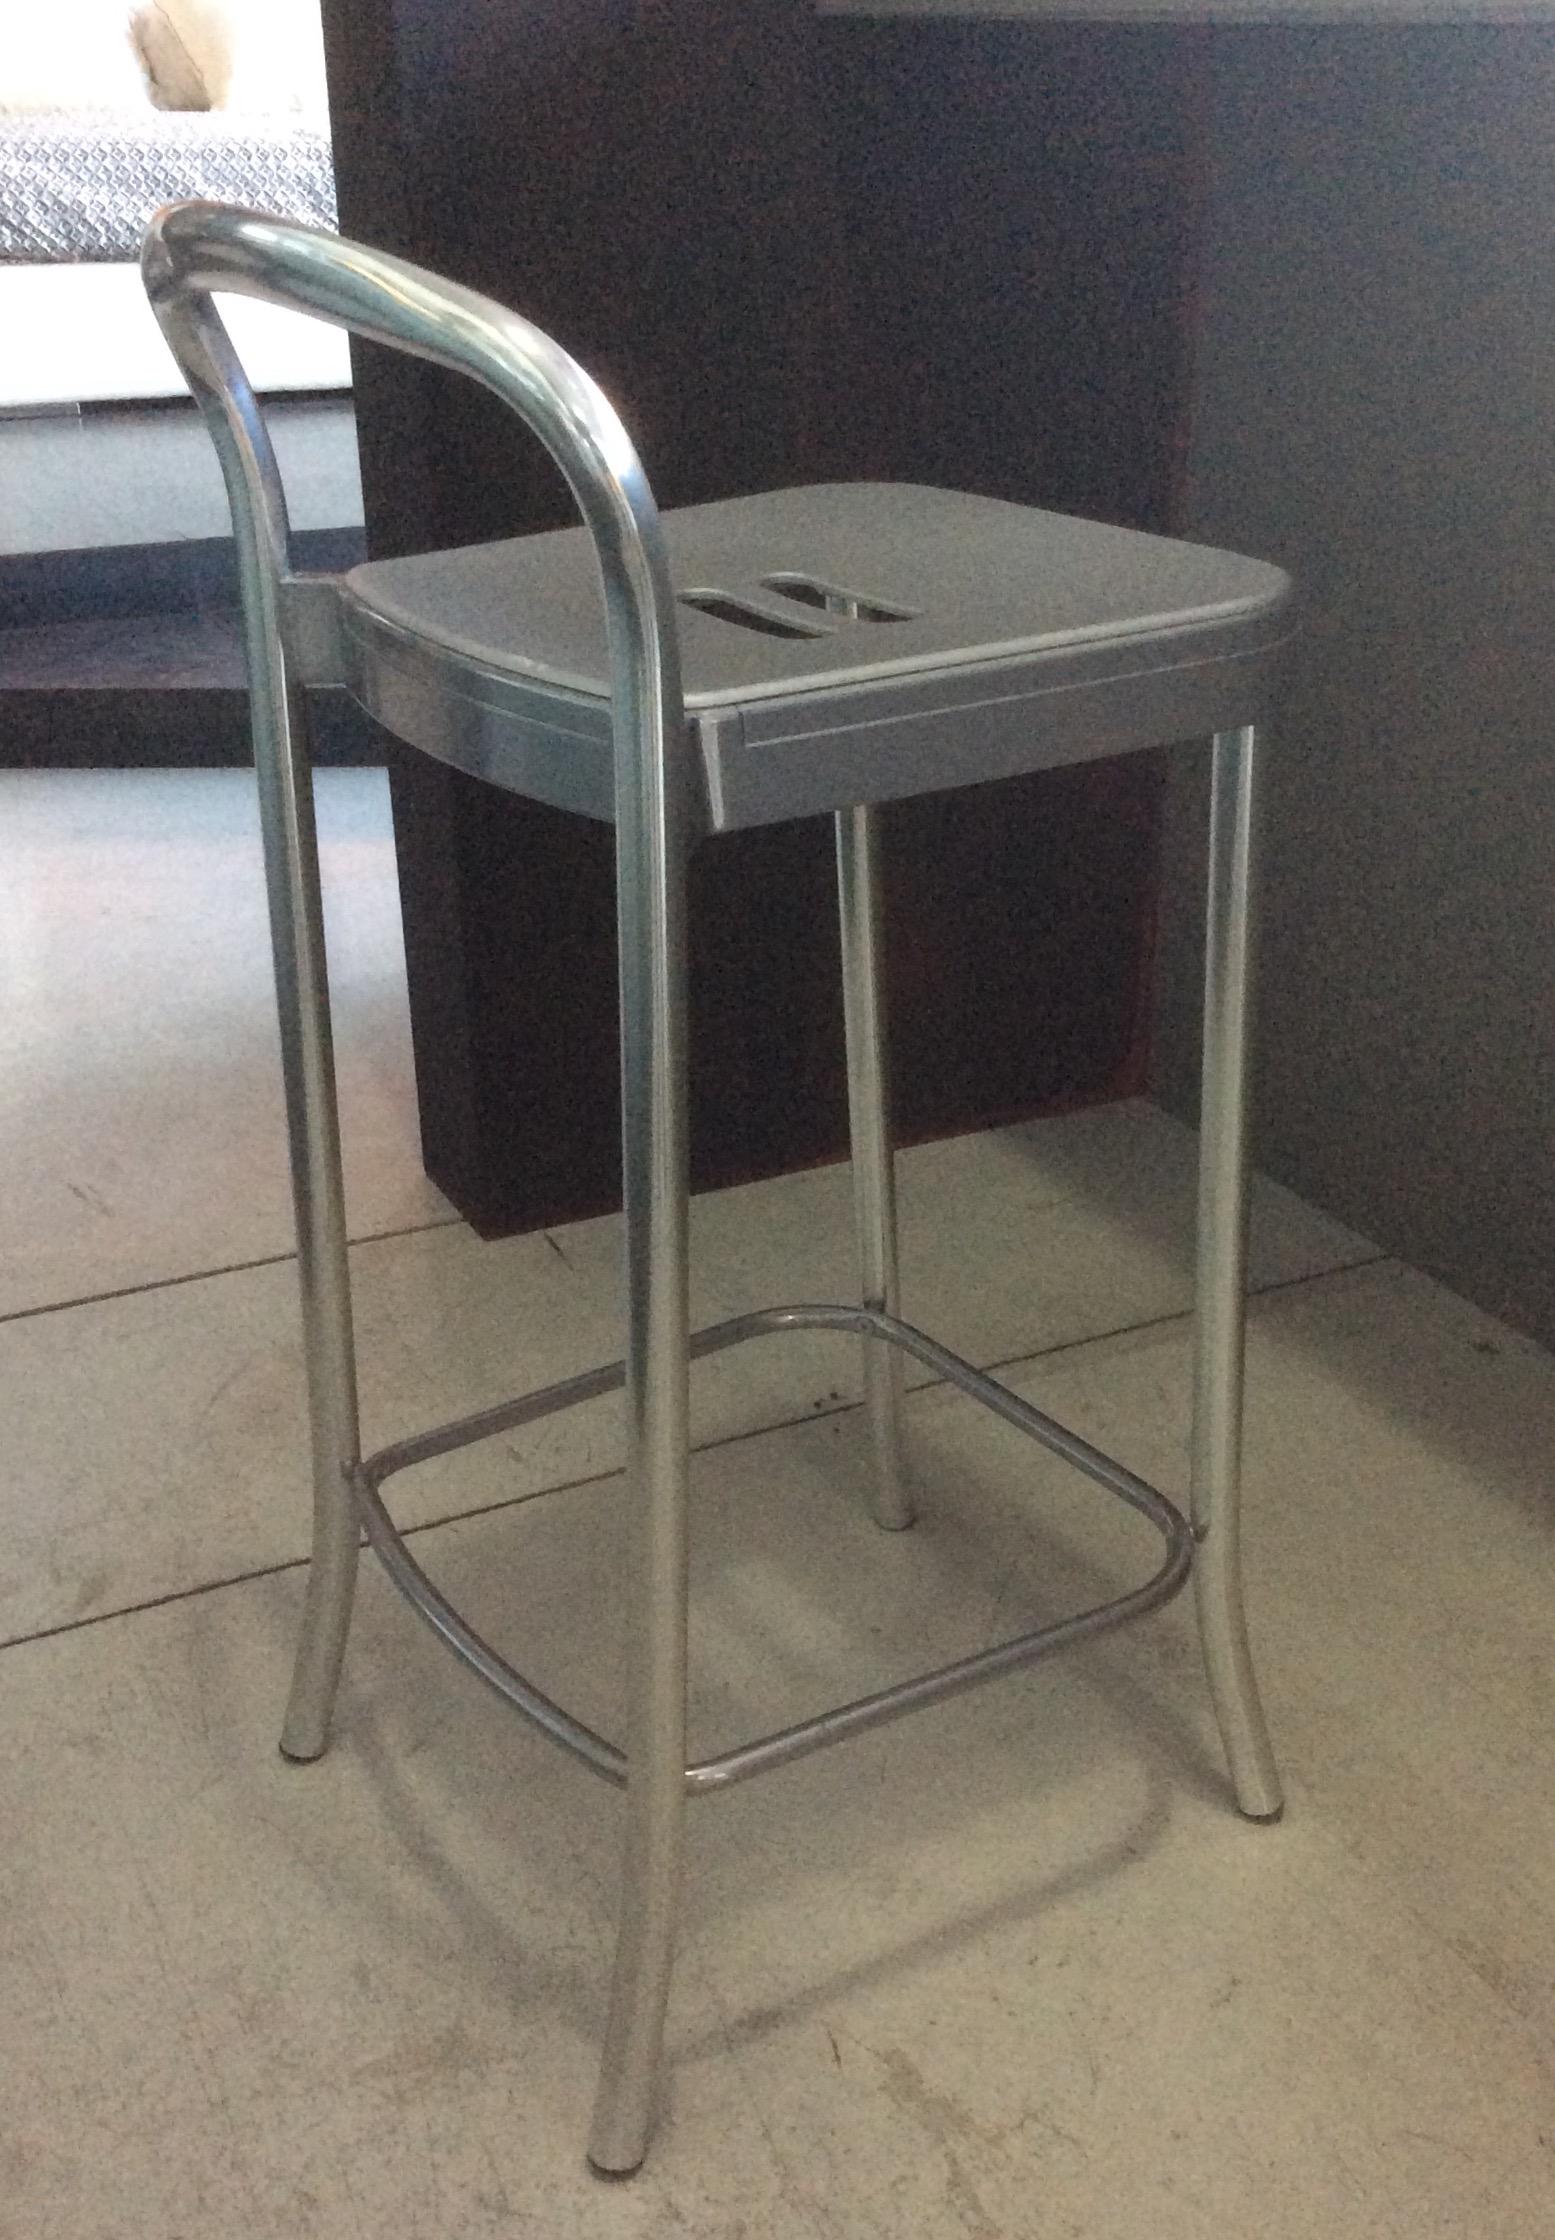 Kartell sedia sgabello mauna kea 4884 scontato del 40 for Sedie kartell prezzi